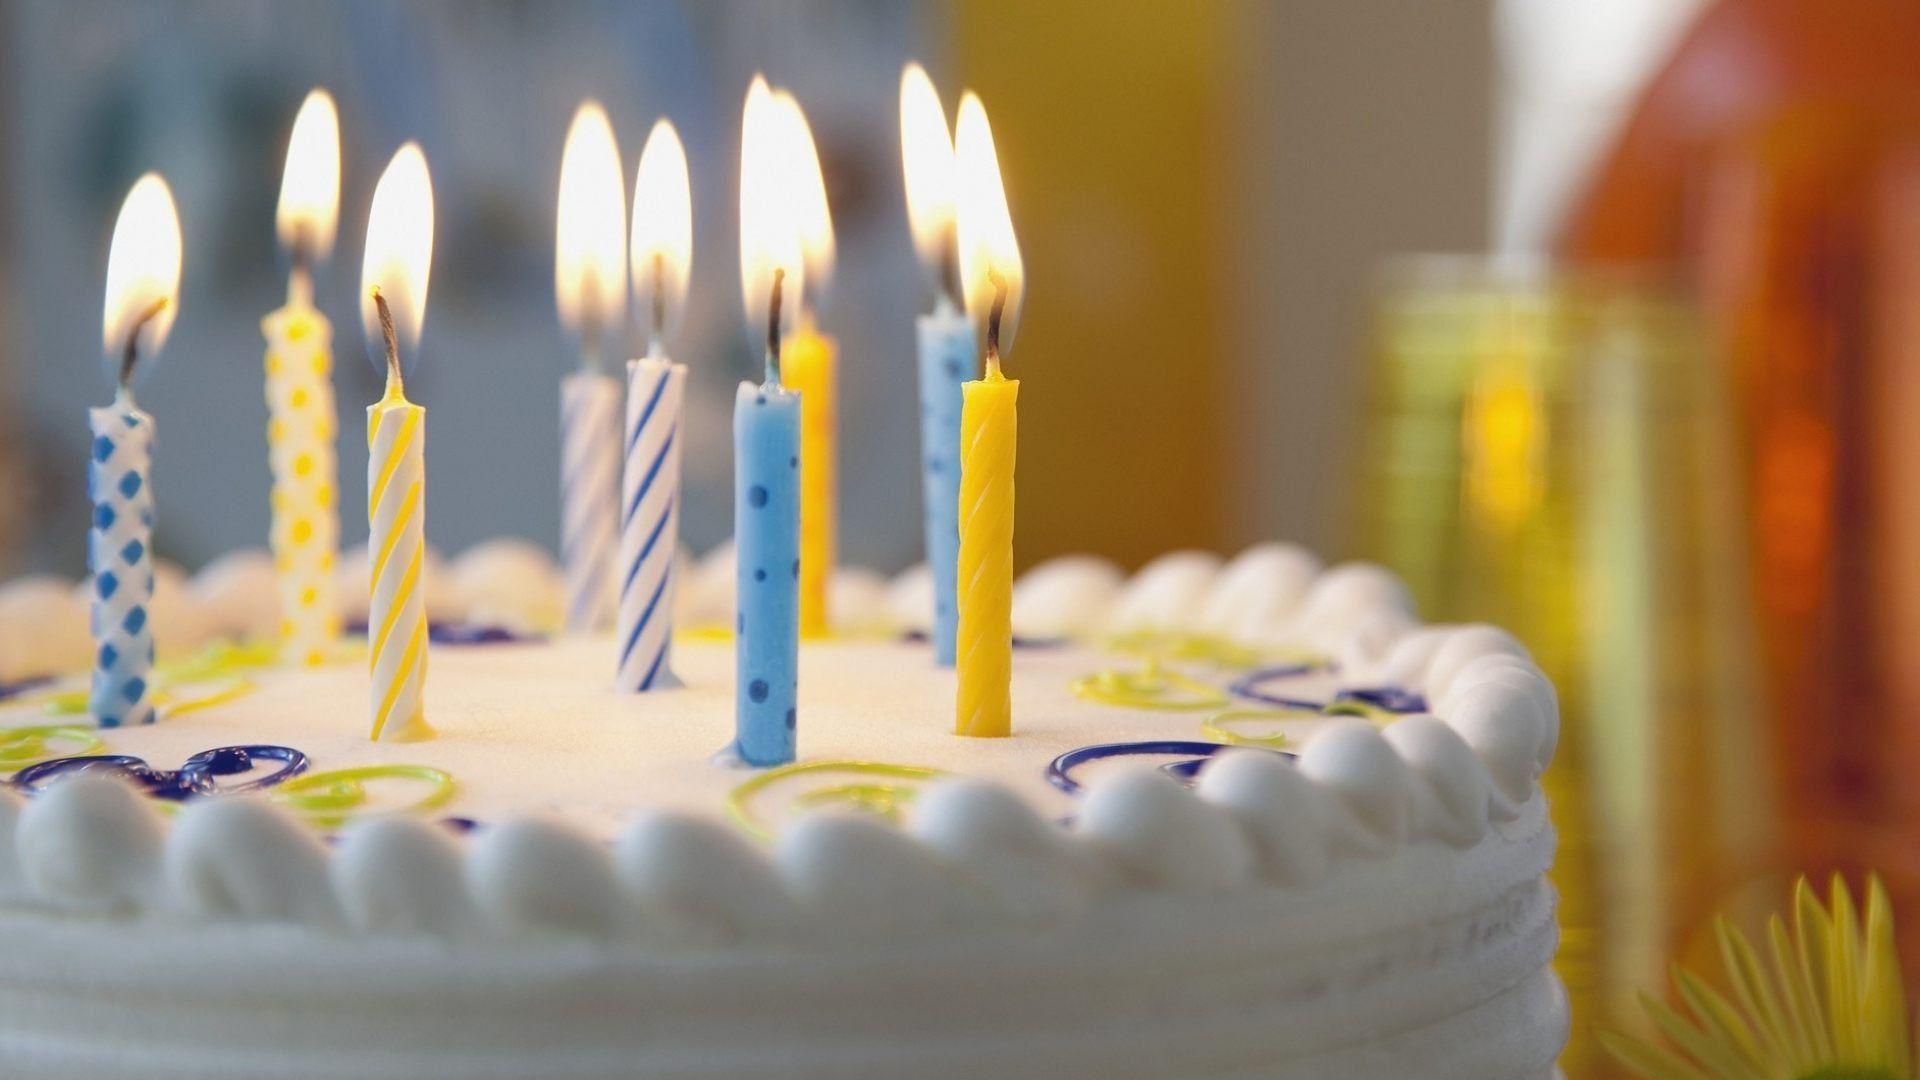 Картинка с днем рождения торт свечи